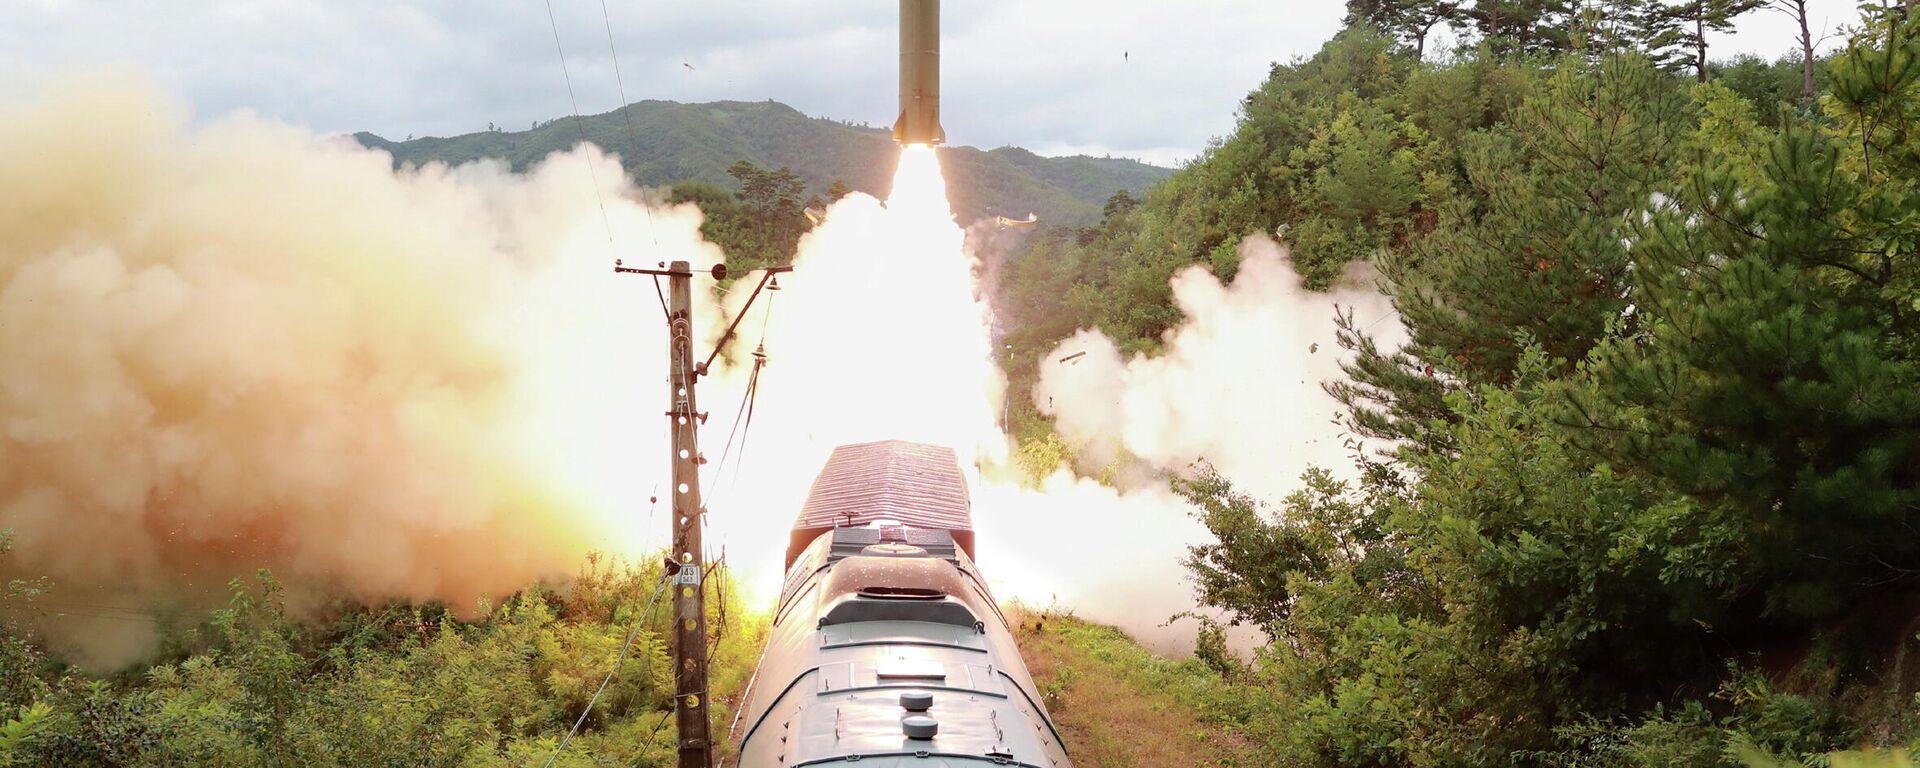 Kuzey Kore trenden füze fırlattı - Sputnik Türkiye, 1920, 17.09.2021